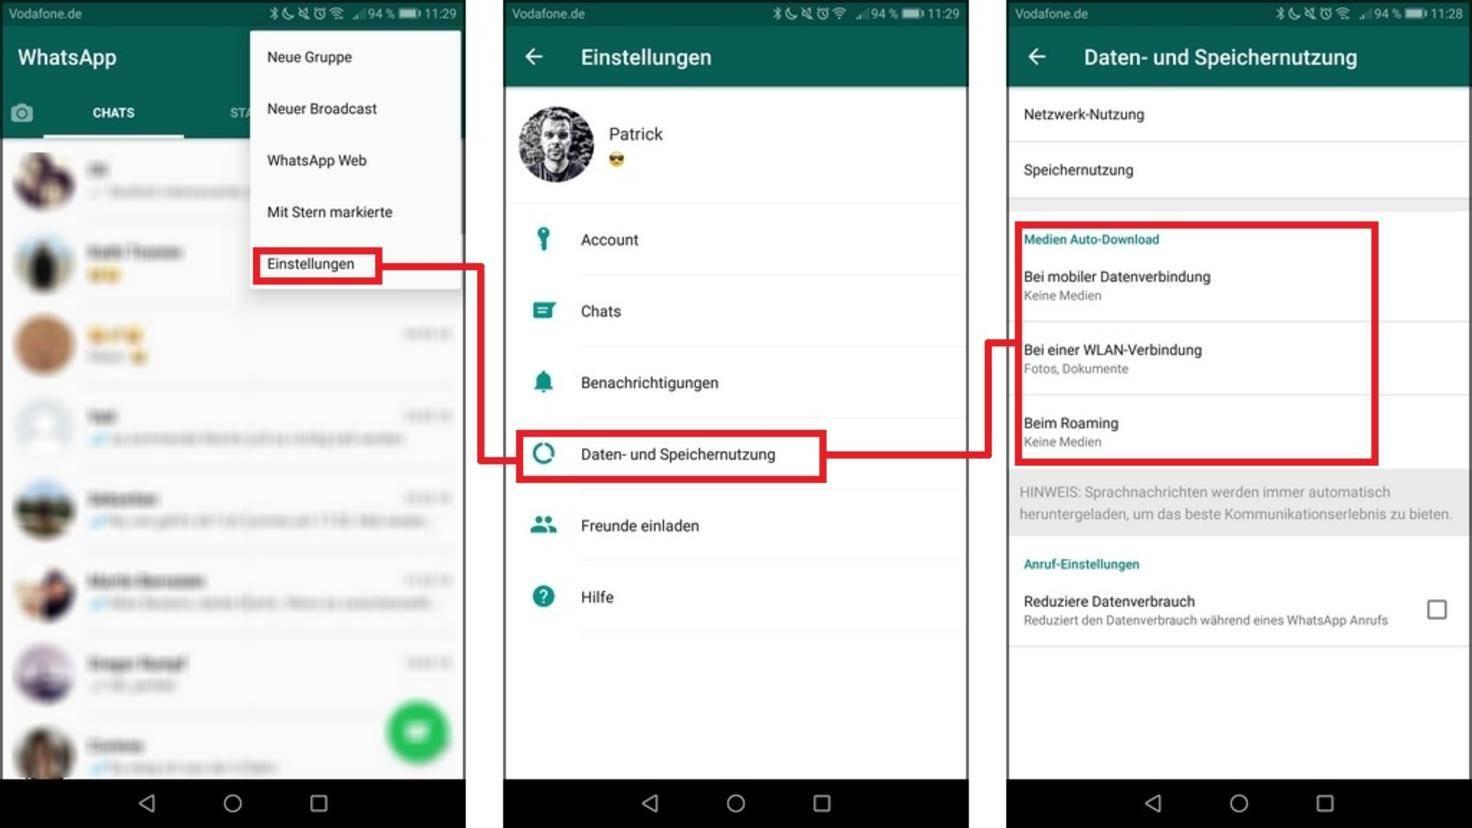 Whatsapp Dateien Auf Sd Karte.Whatsapp Bilder Auf Sd Karte Speichern So Geht S